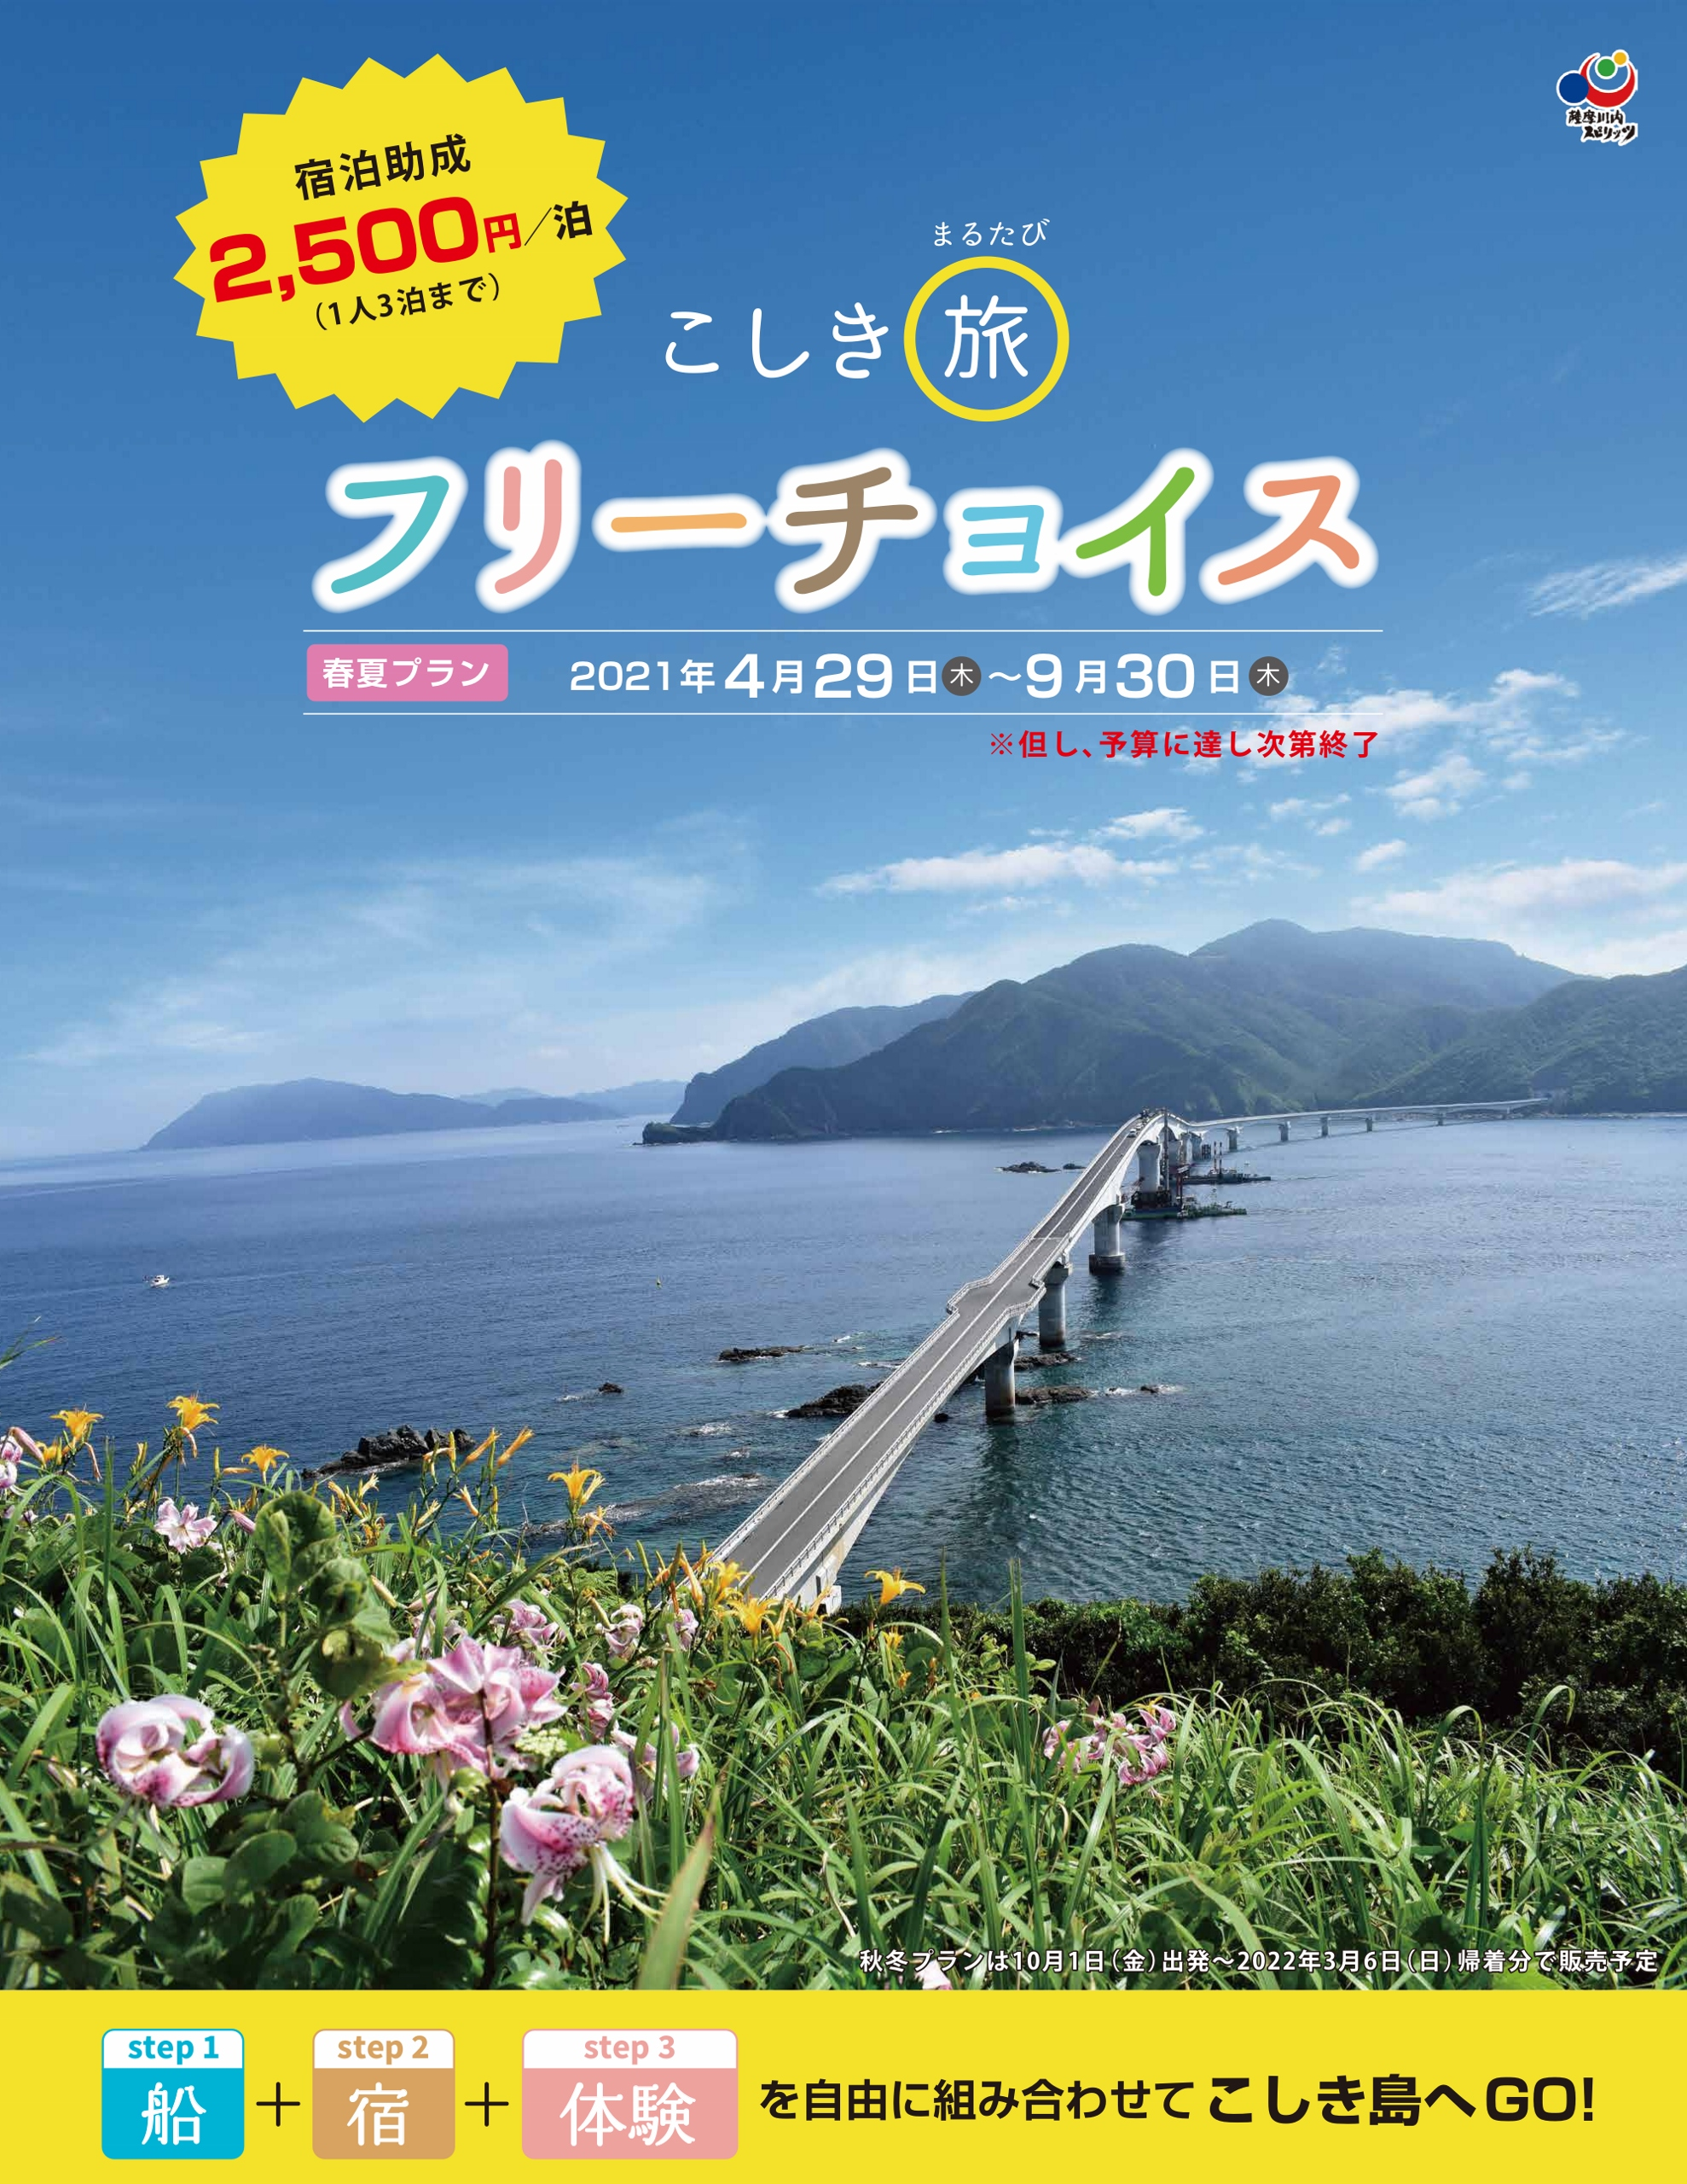 【5月31日(月)まで新規の予約・販売を停止中】こしき島の魅力を選んでお得に旅を!「こしきまる旅フリーチョイス」